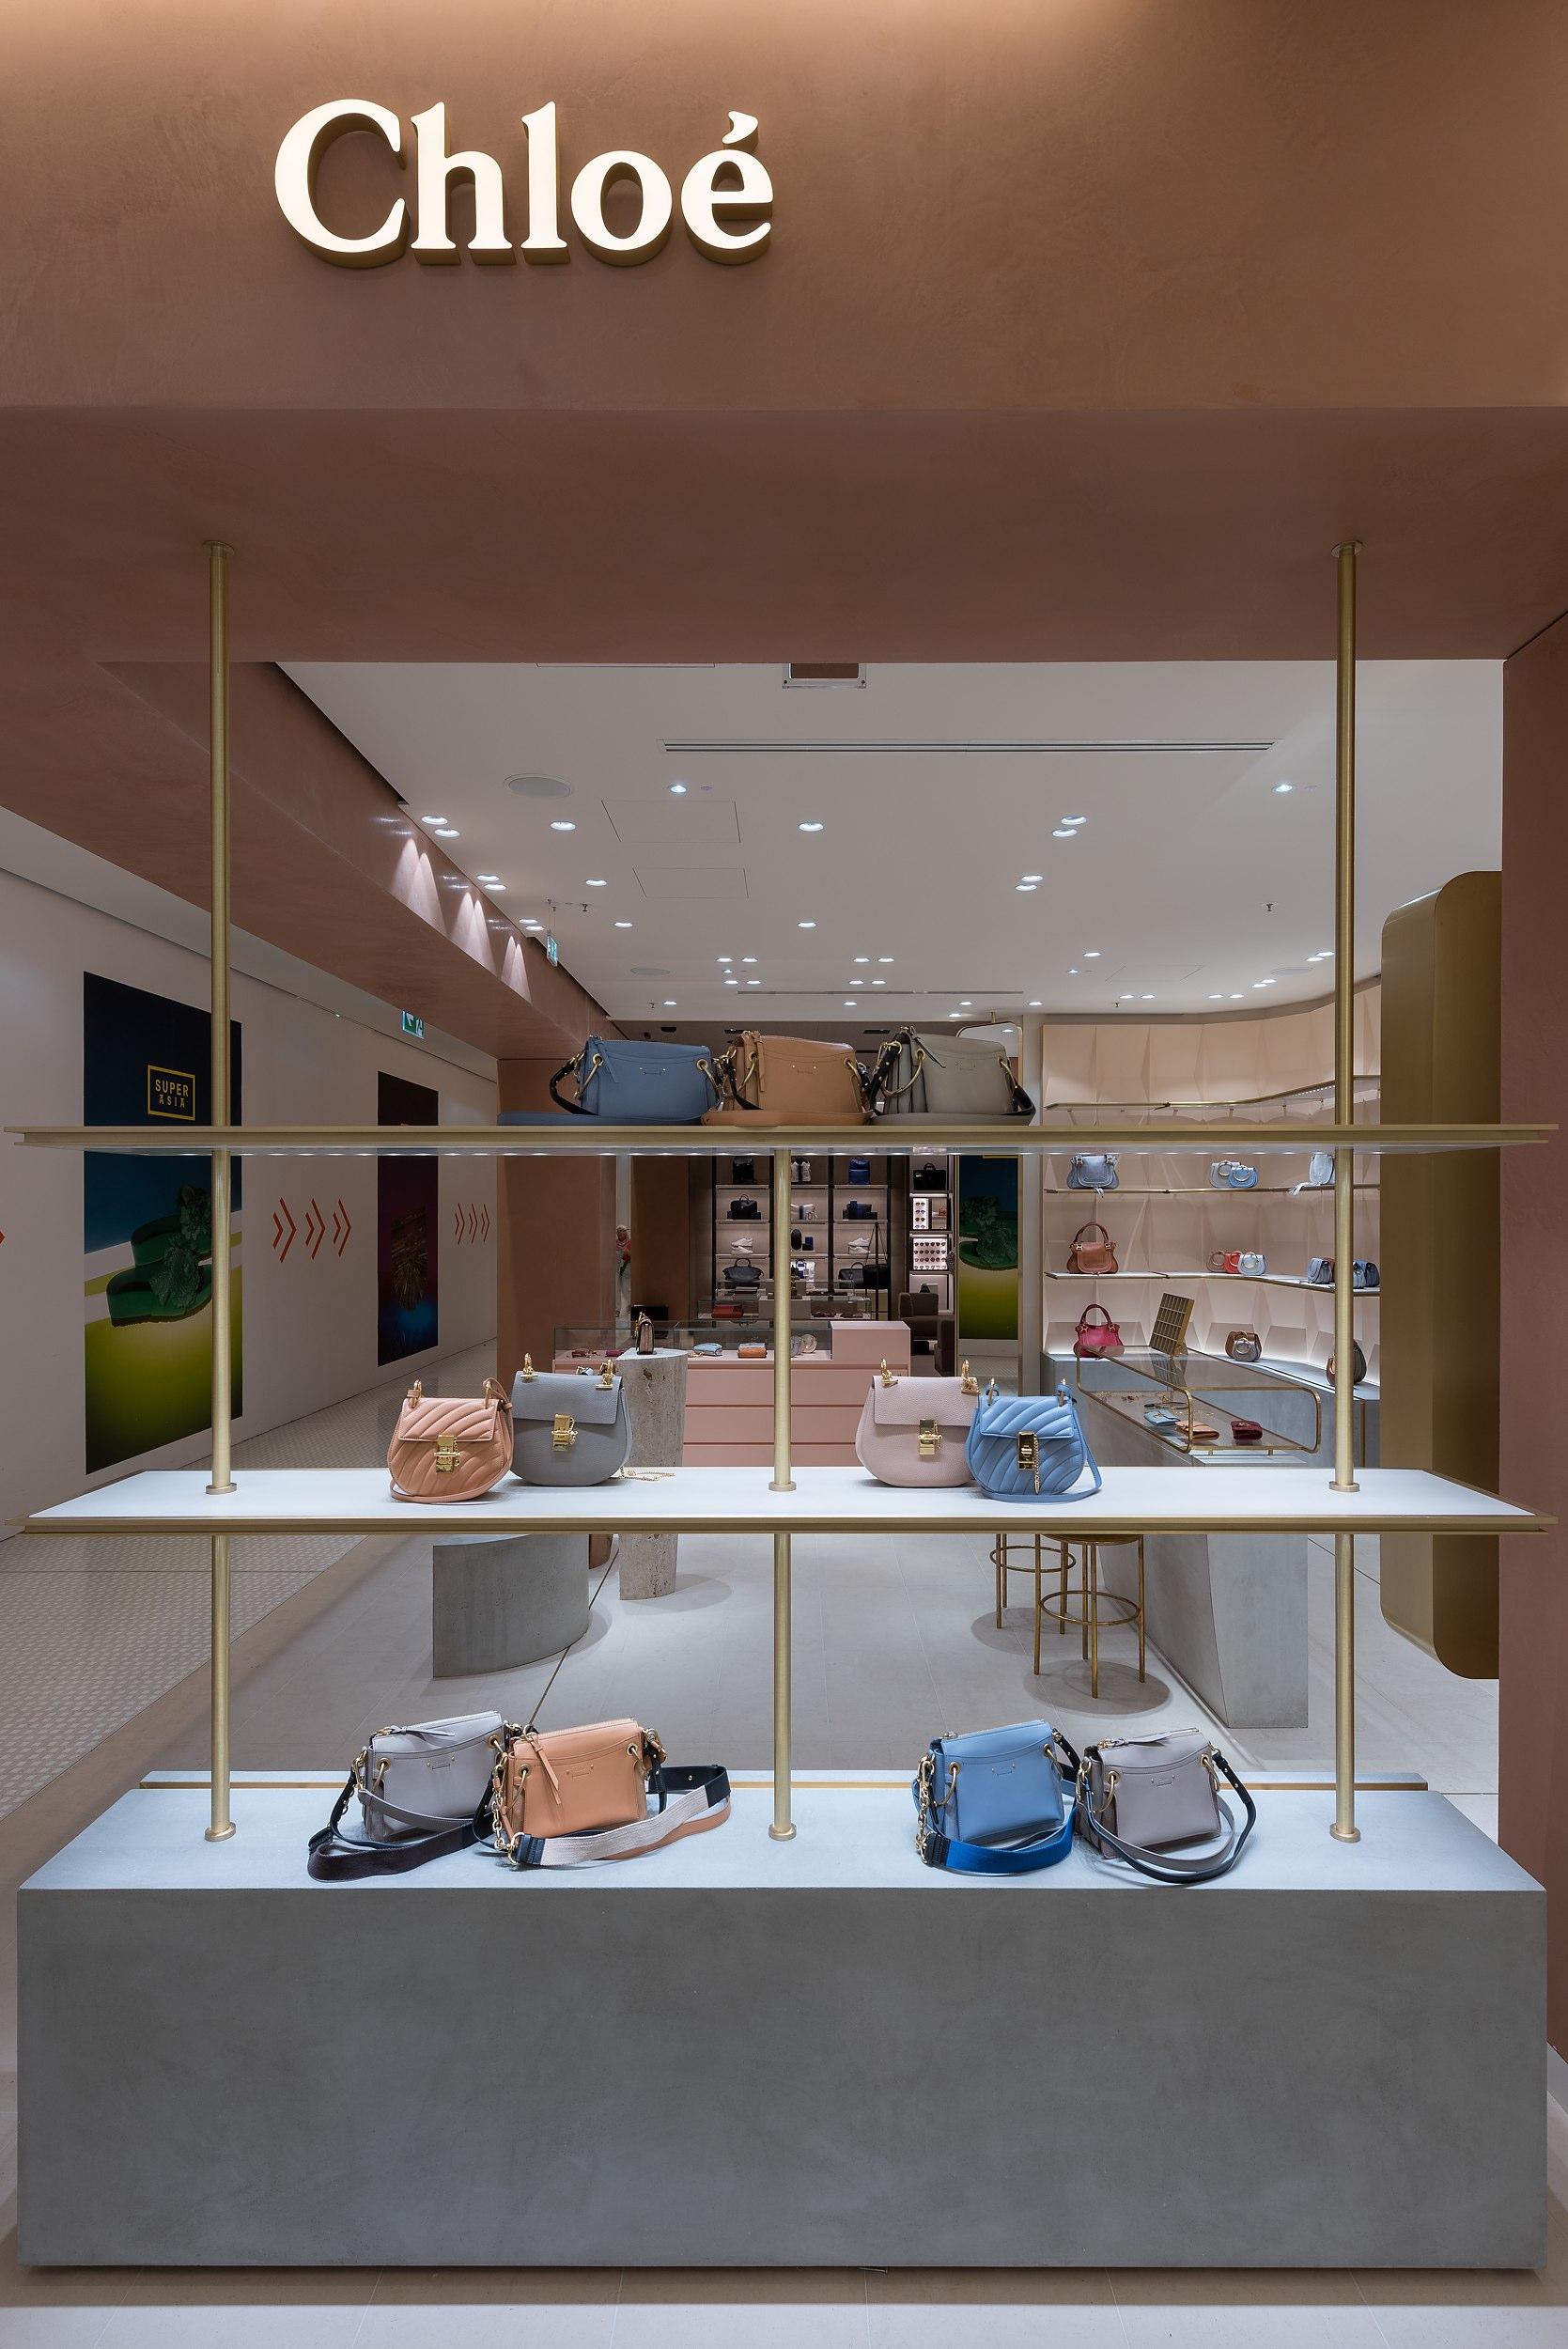 Architekturaufnahmen des neuen Chloé-Shops in der Münchner Fussgängerzone.